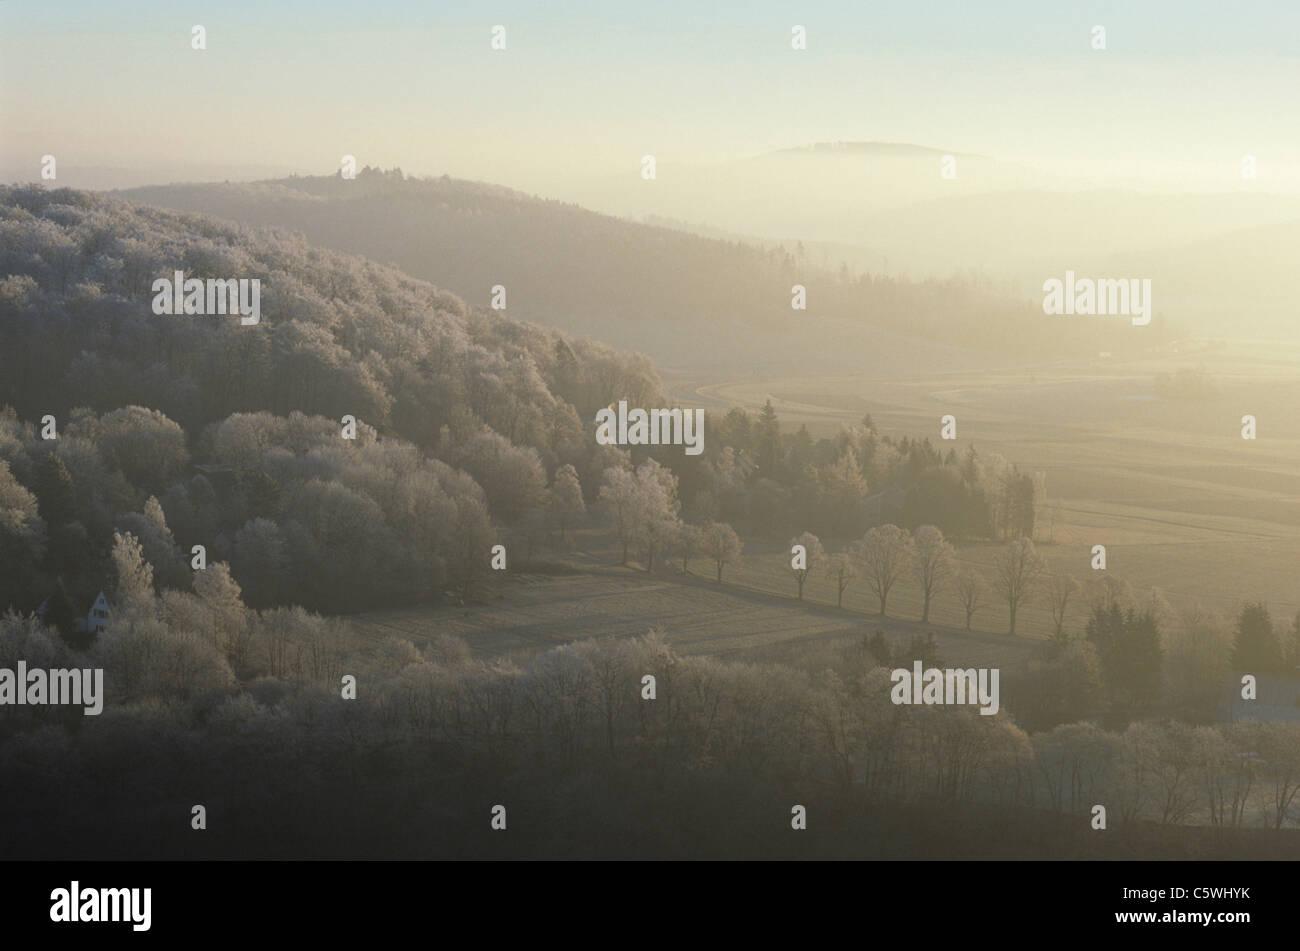 Germany, Schwaebische Alb, winter scenery with fog - Stock Image